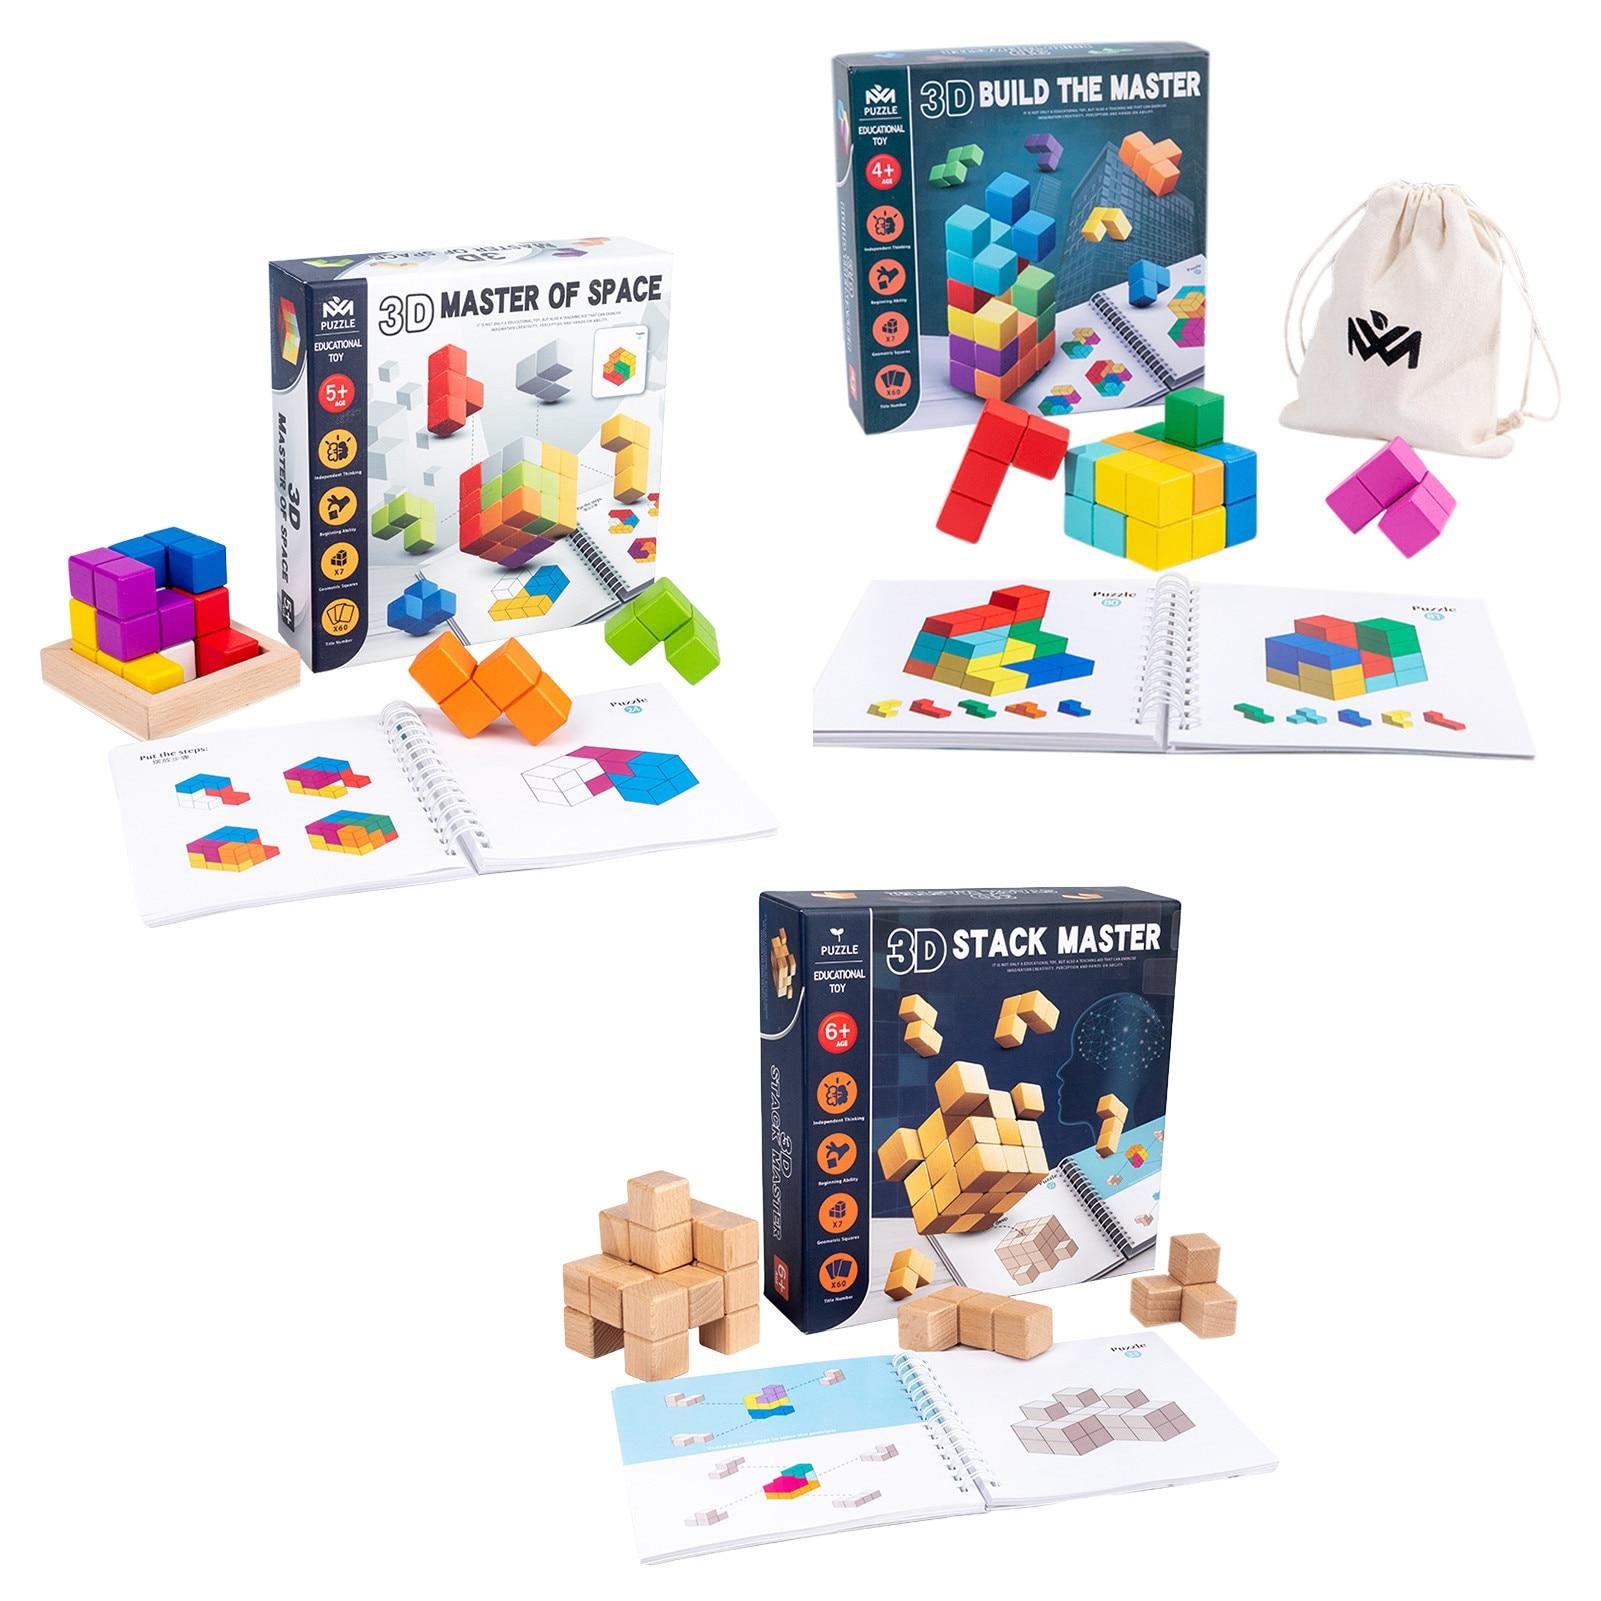 caixa de quebra cabecas de madeira colorida empilhamento de jogos com tijolos coloridos